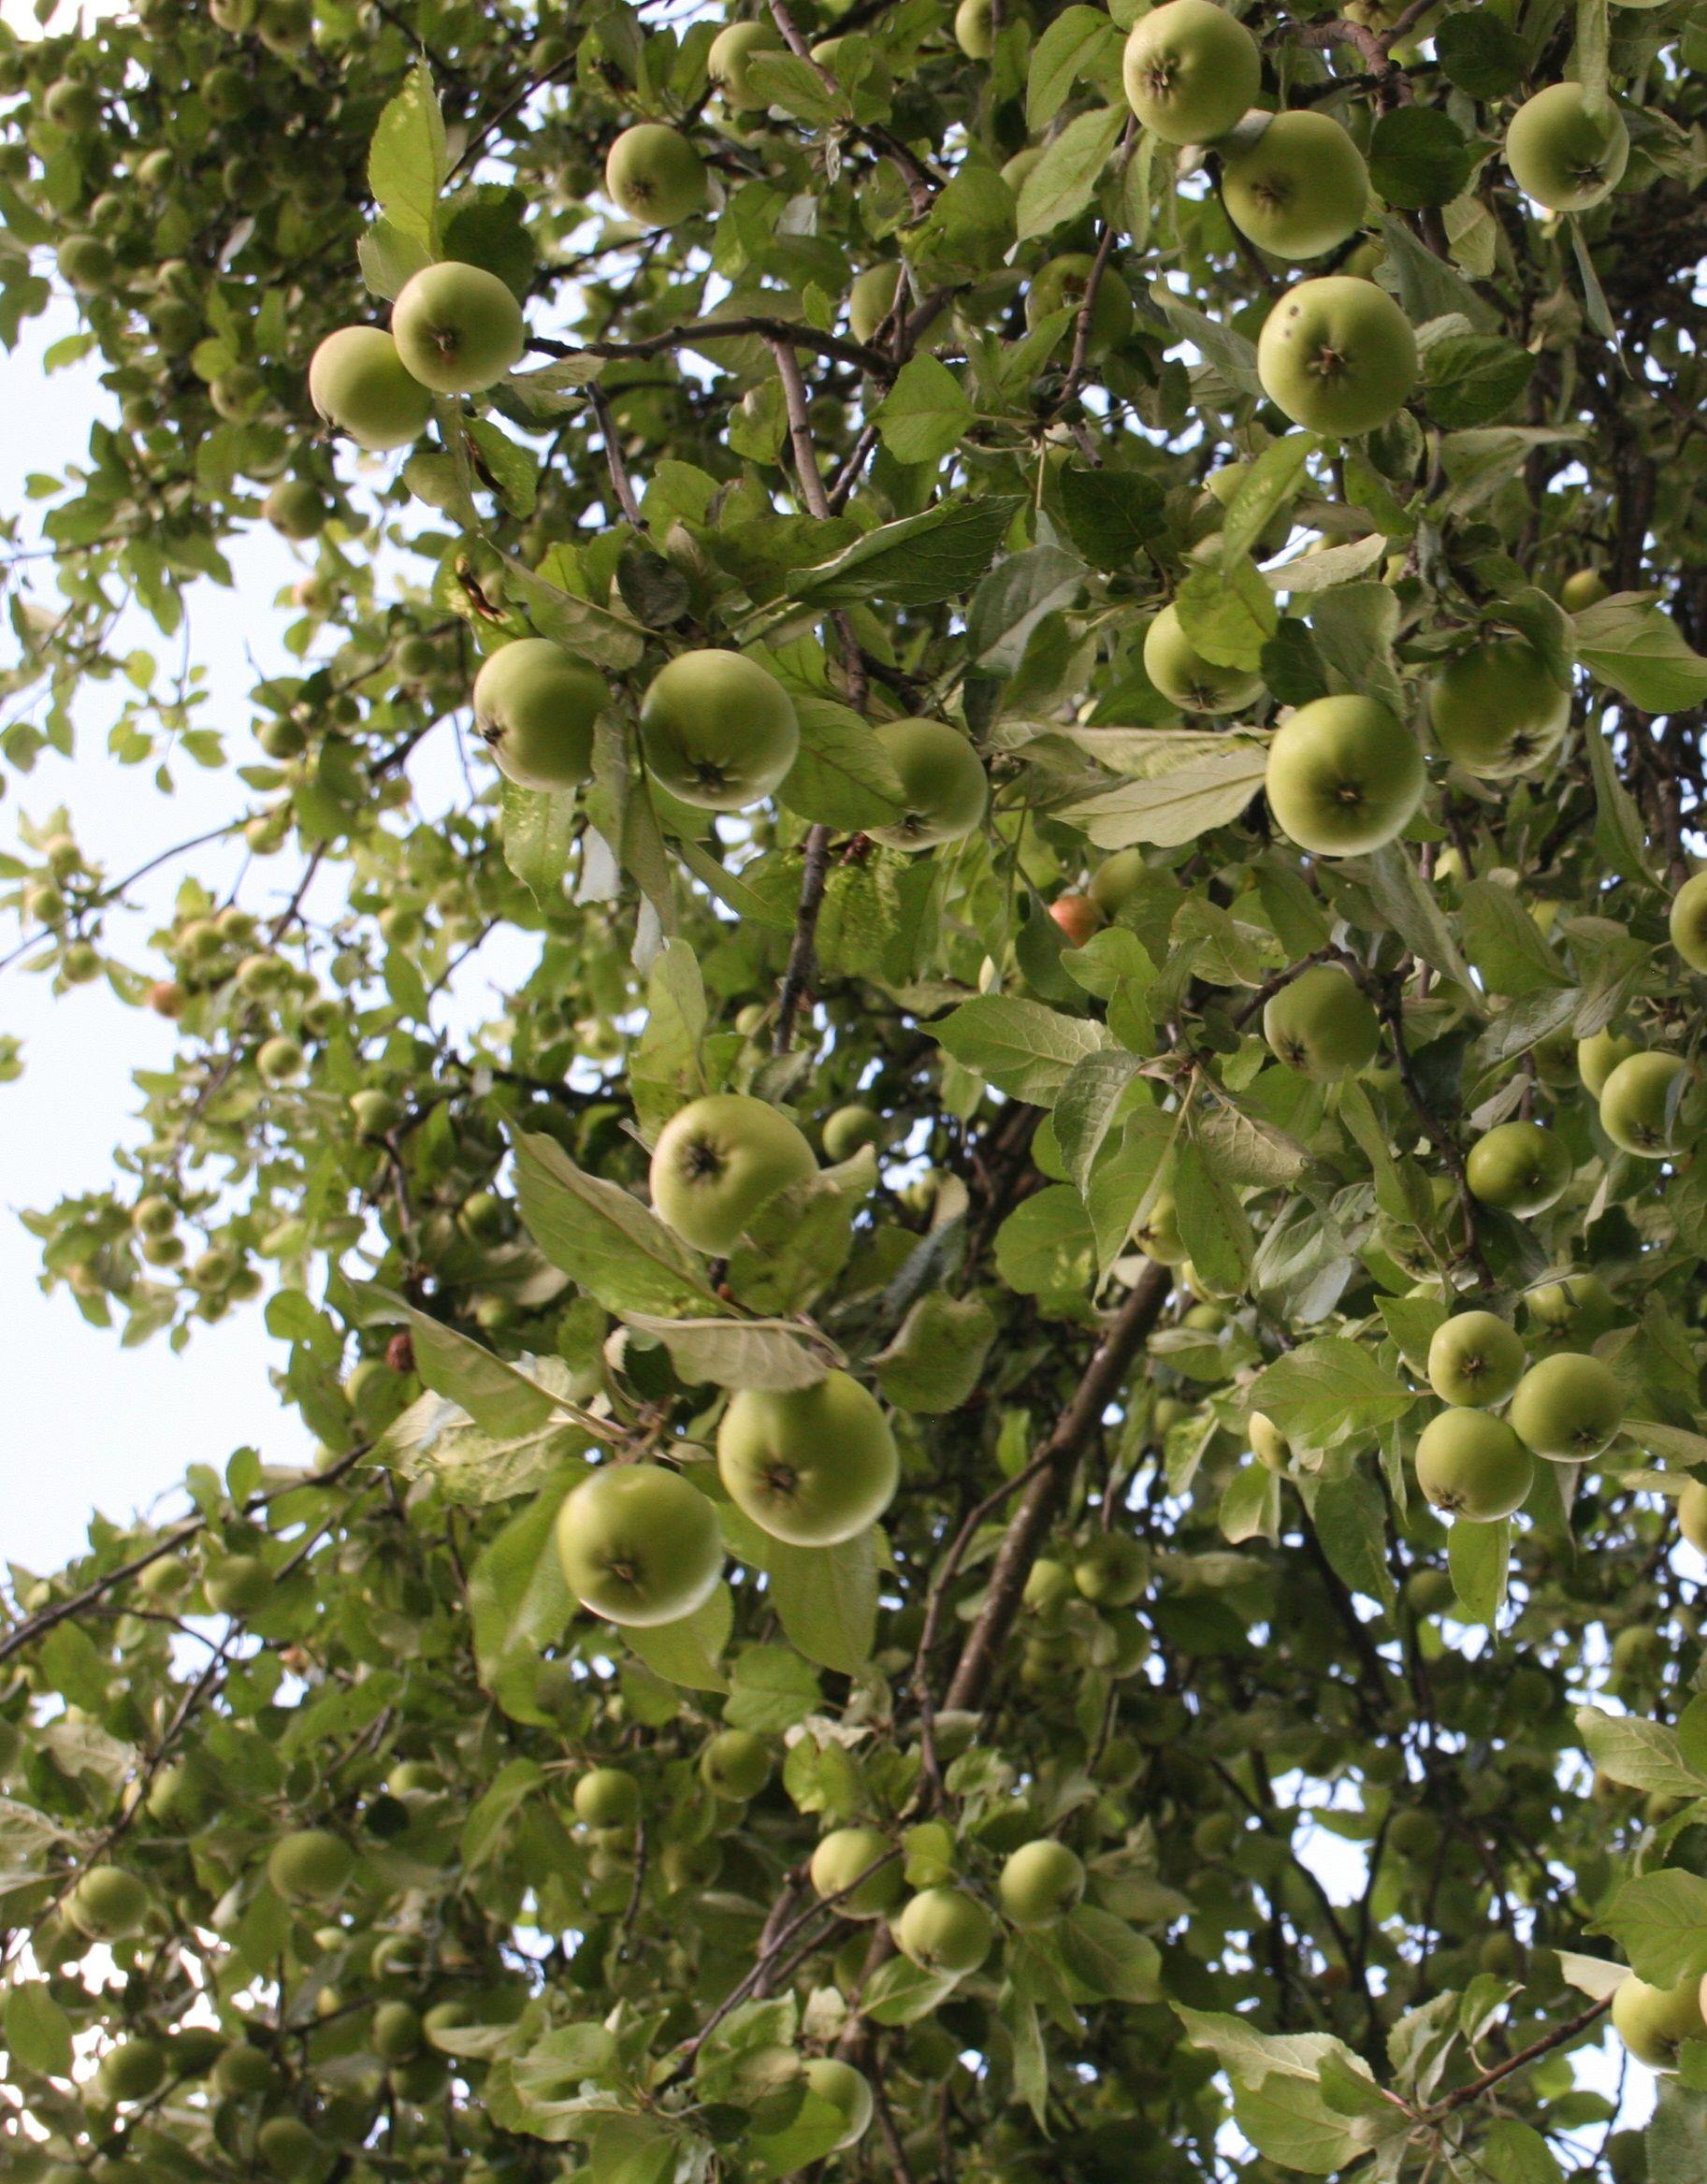 Syksyn viimeiset omenat käytin italialaiseen omenapaistokseen: 4-5 omenaa 1/2 tl kanelia 150 g voita 1 1/2 dl sokeria 1 muna 1 3/4 dl vehnäj. 1/2 dl mantelirouhetta  1. Levitä lohkotut omenat voideltuun vuokaan ja ripottele kanelia päälle. 3. Vaahdota rasva ja sokeri, lisää muna. Lisää jauhot ja sekoita. 4. Nostele taikina omenoiden päälle. Ripottele mantelit. 5. 200 C, alataso, 30 min.  Lähde…